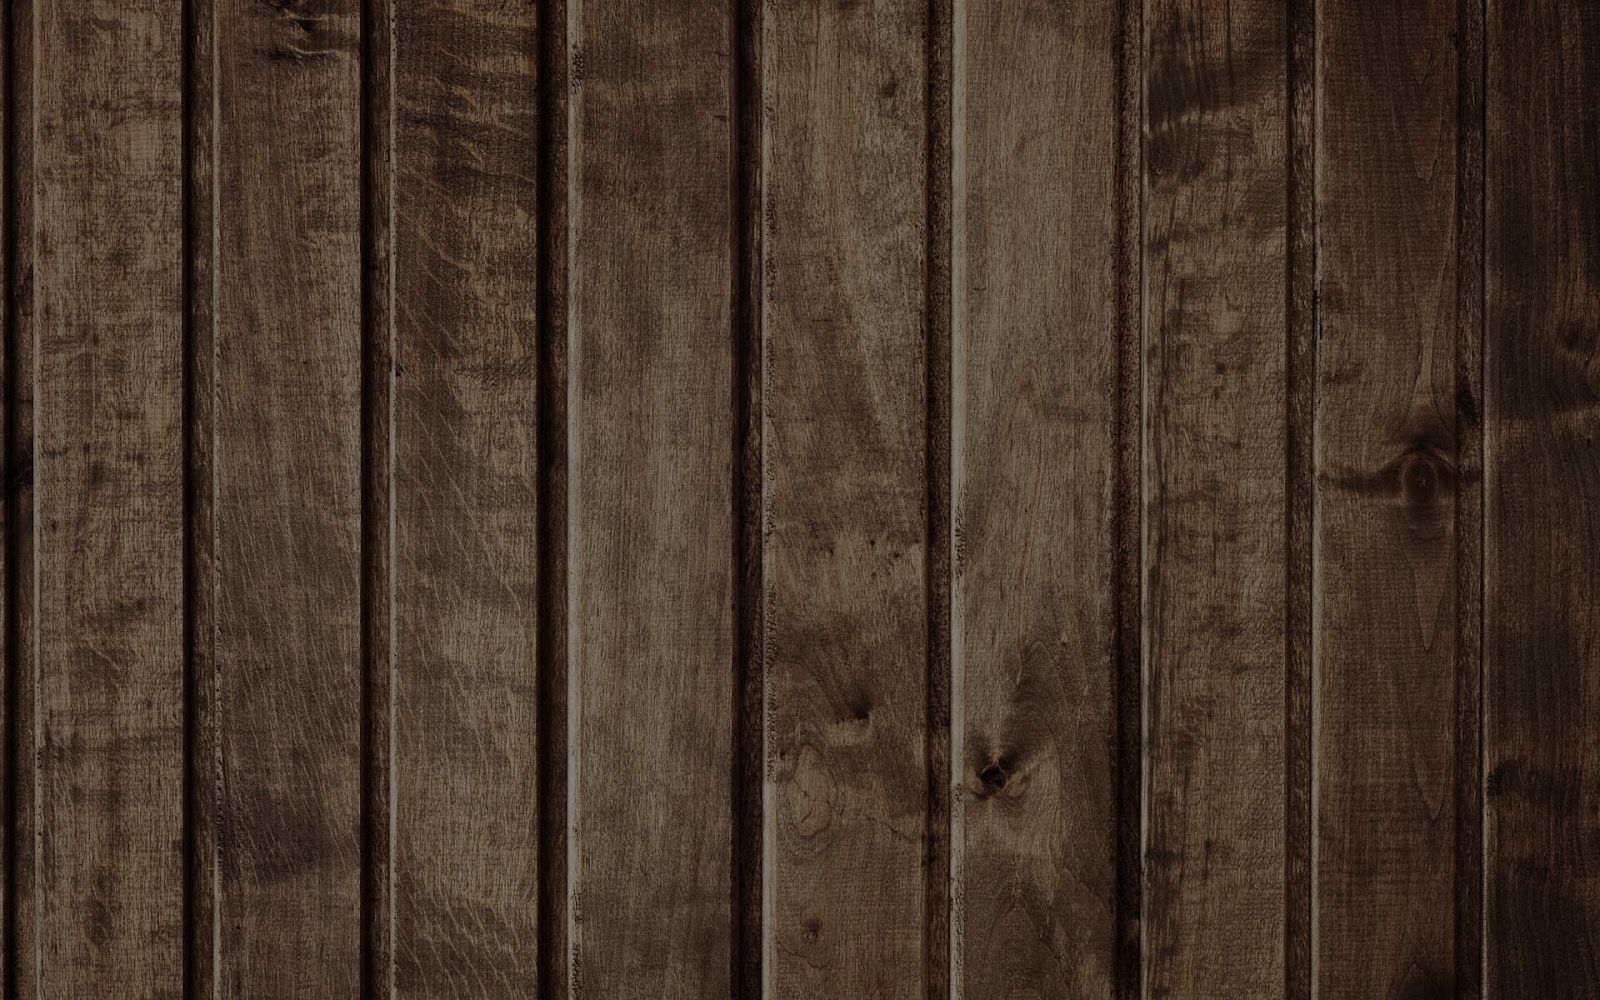 achtergrond houten planken